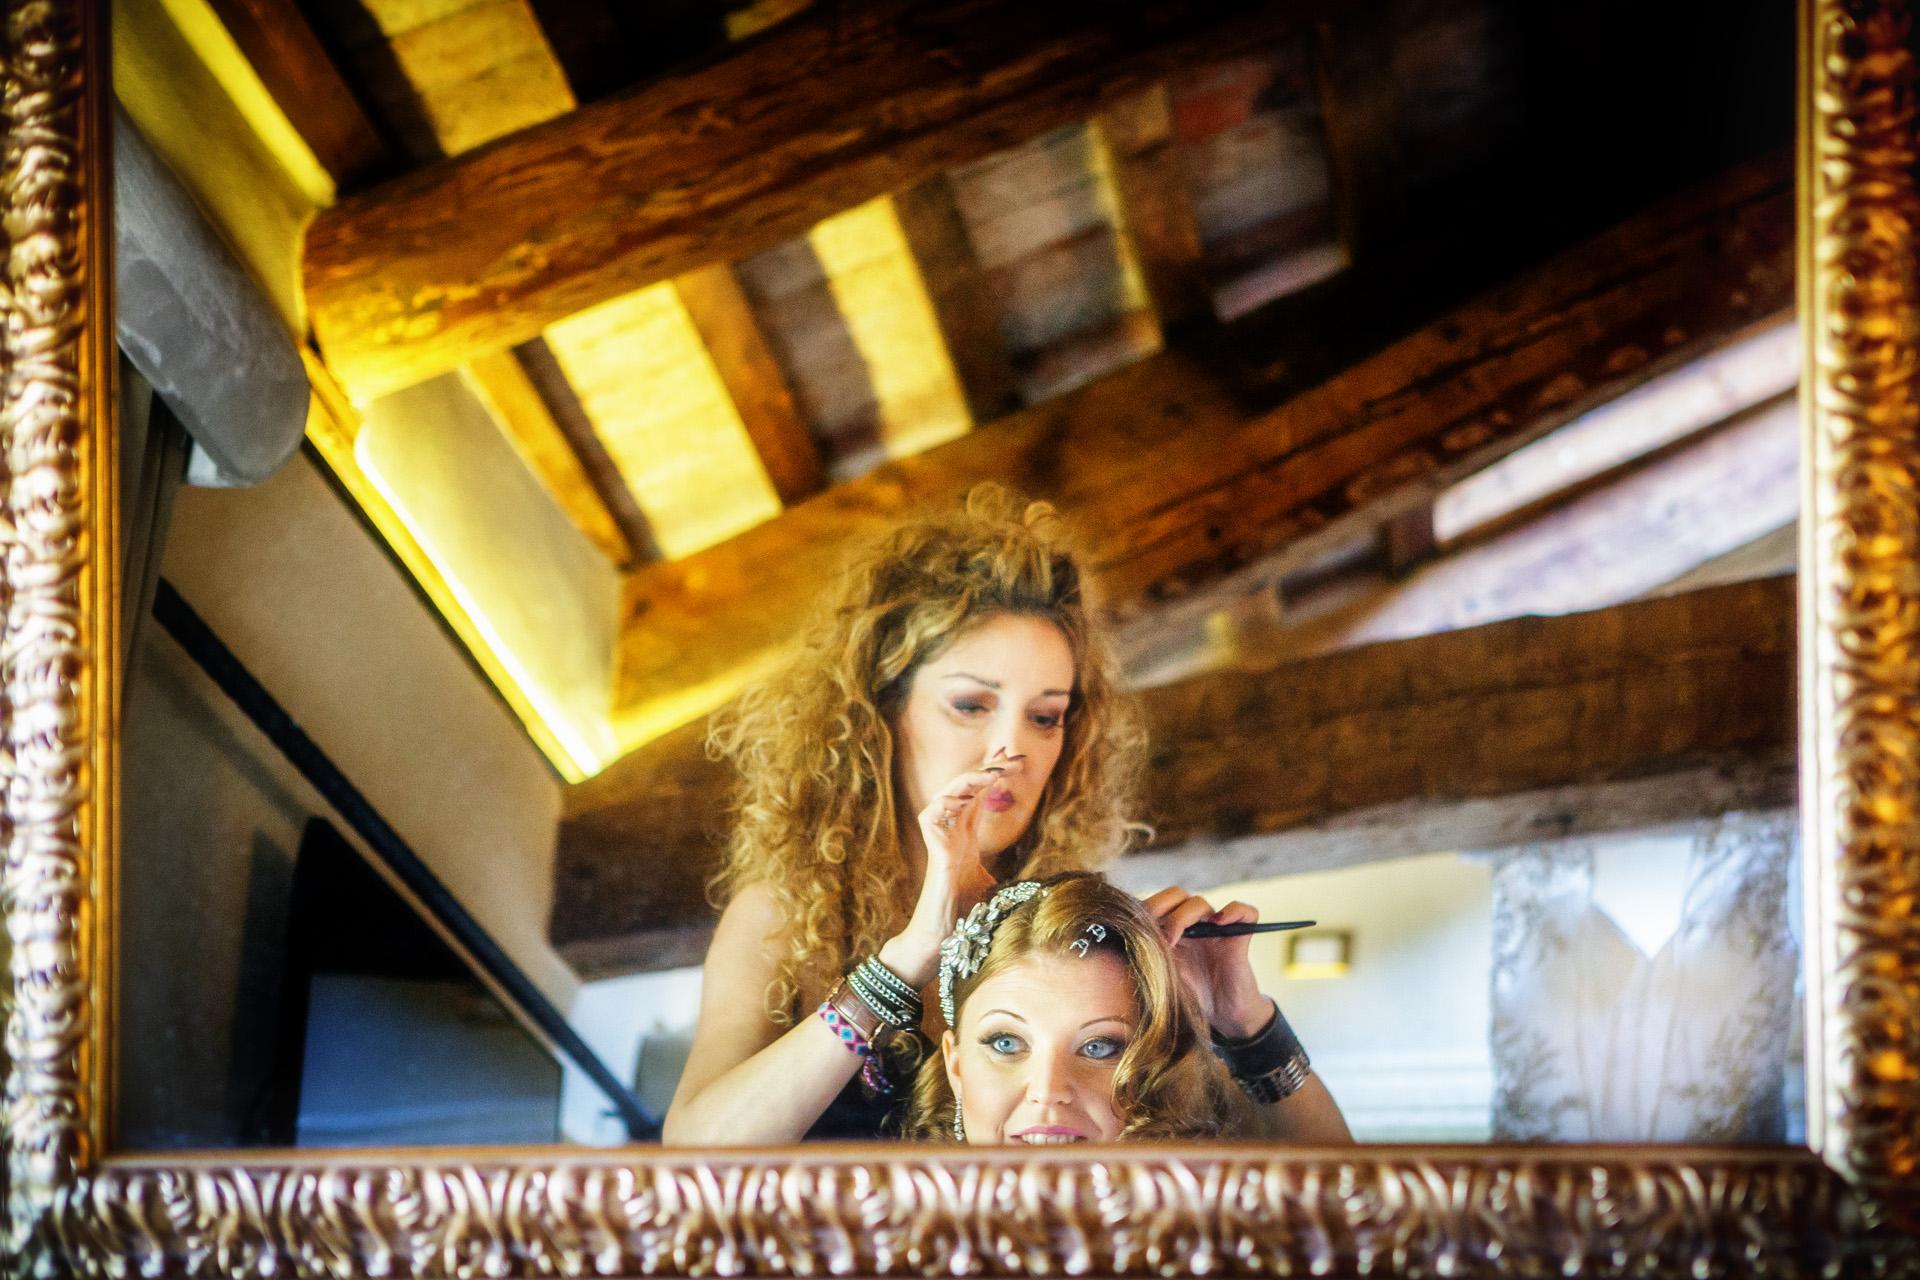 Venise, Italie Elopement se prépare Image   Les dernières touches du coiffeur devant le miroir.